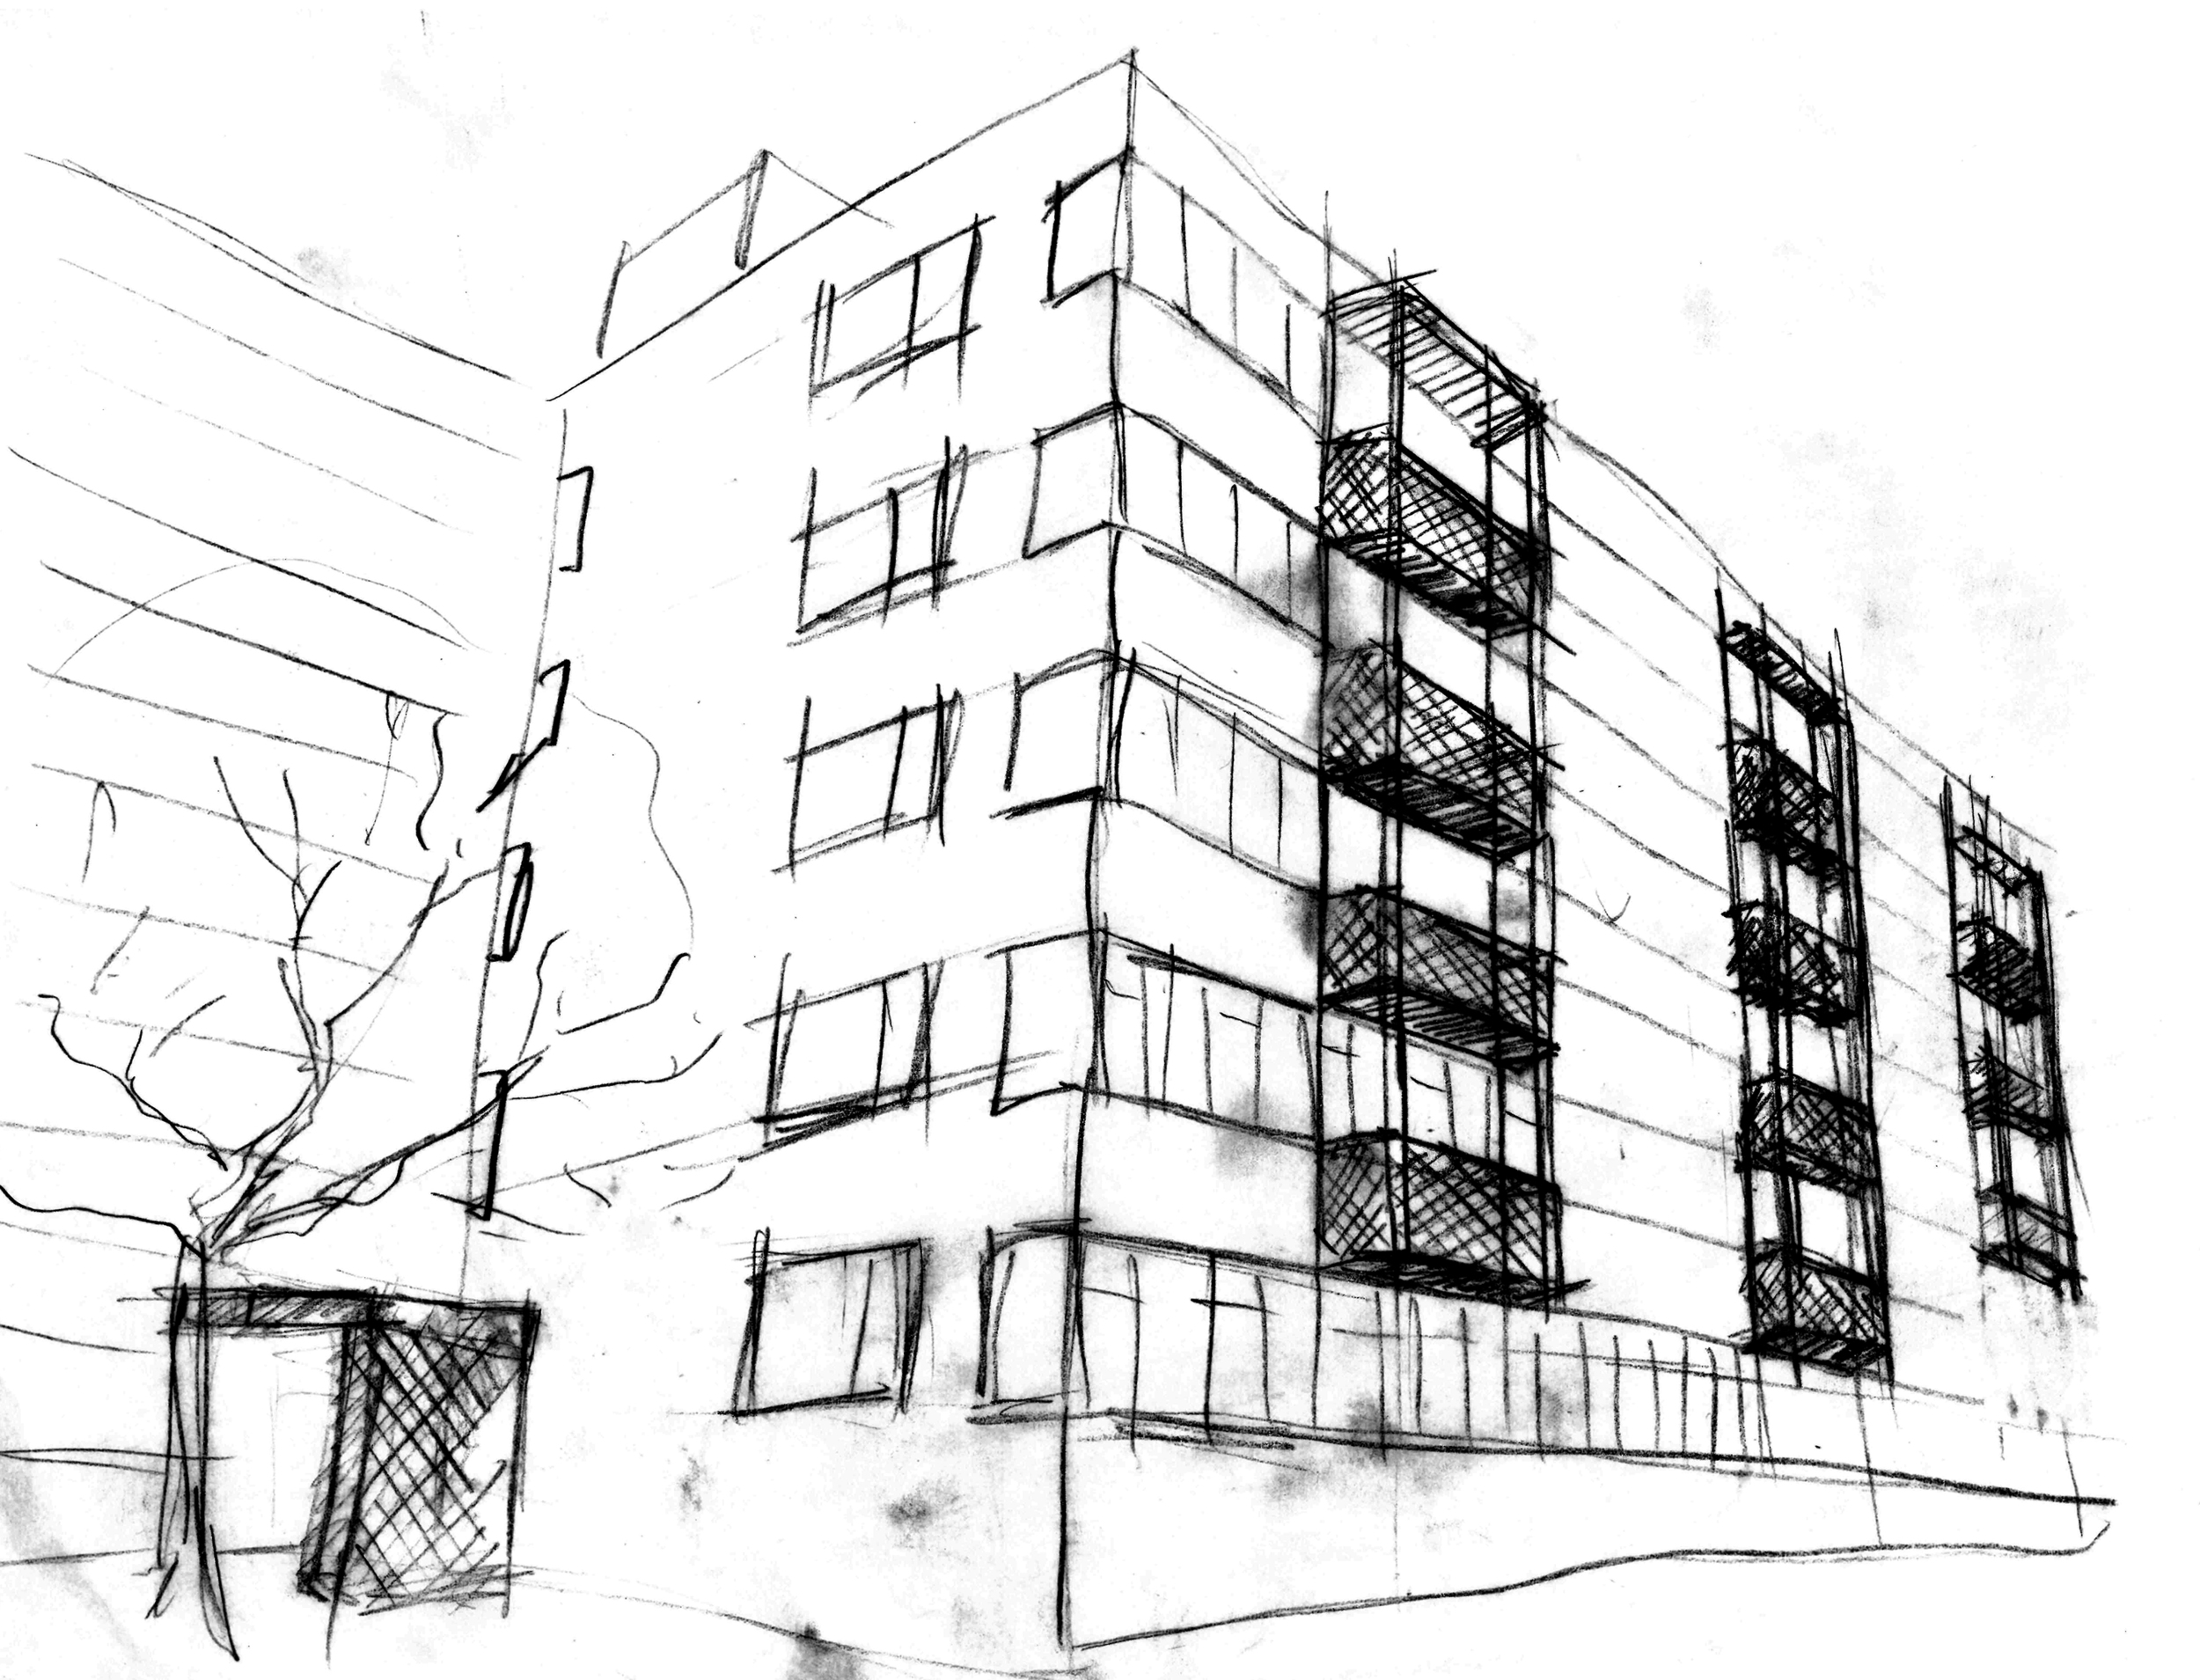 16004 Warwkick House _01_B+W.jpg